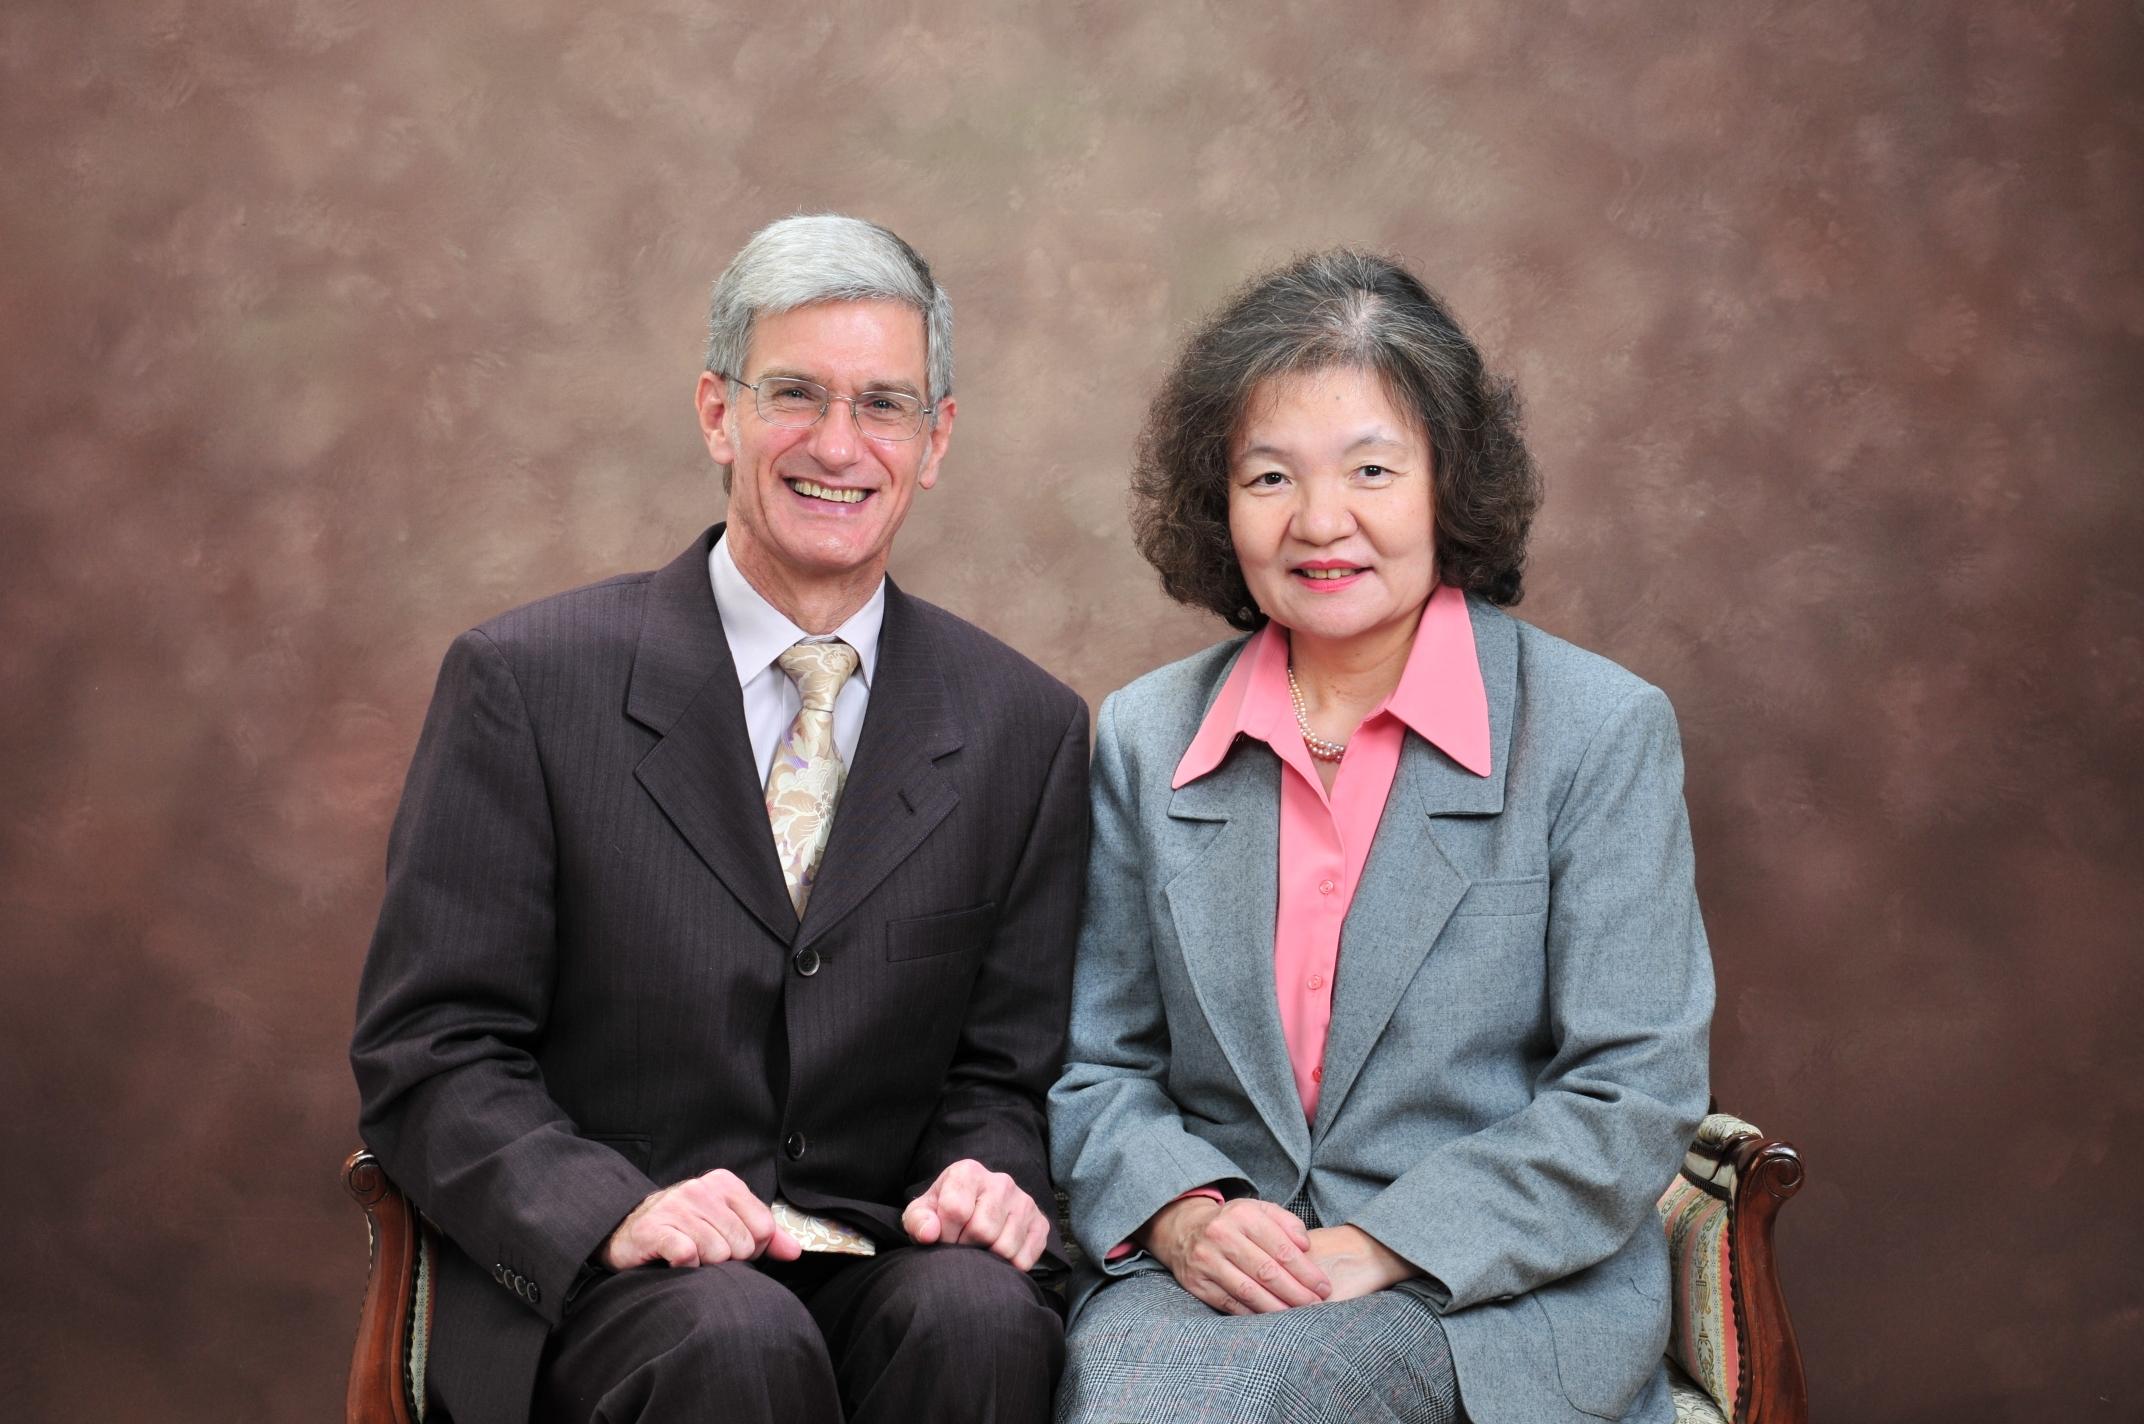 Bob and Mariko Barley